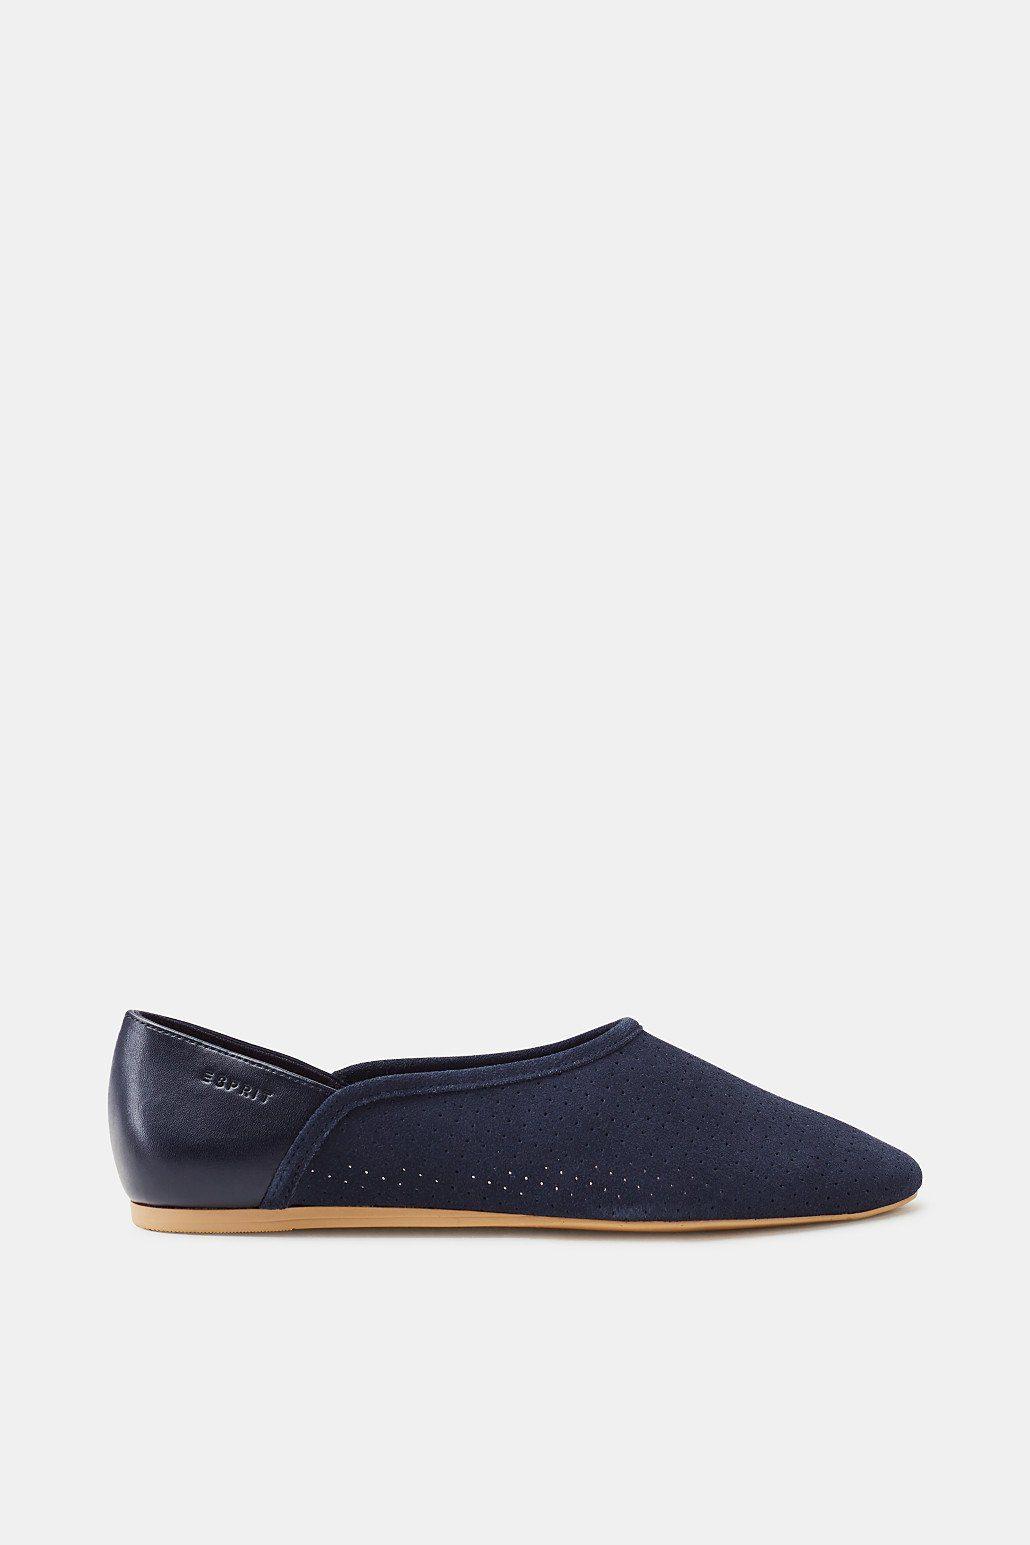 Esprit Loafer aus softem Veloursleder für Damen, Größe 37, Navy